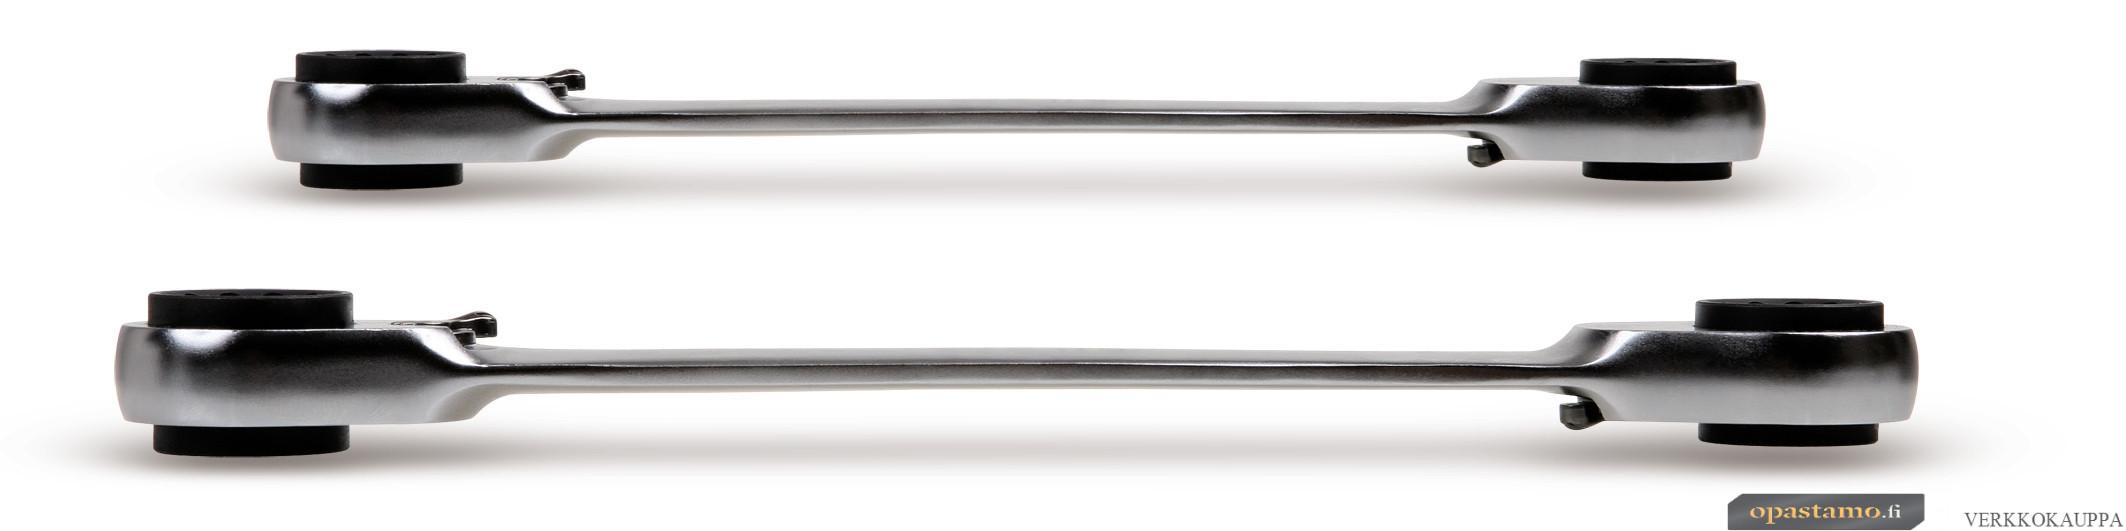 BETA 192/S2 kaksipuoliset 4 in 1 räikkälenkit. 192 sarja pakkauksessa, 2-avainta 8x10/12x13, 16x17/18x19 mm